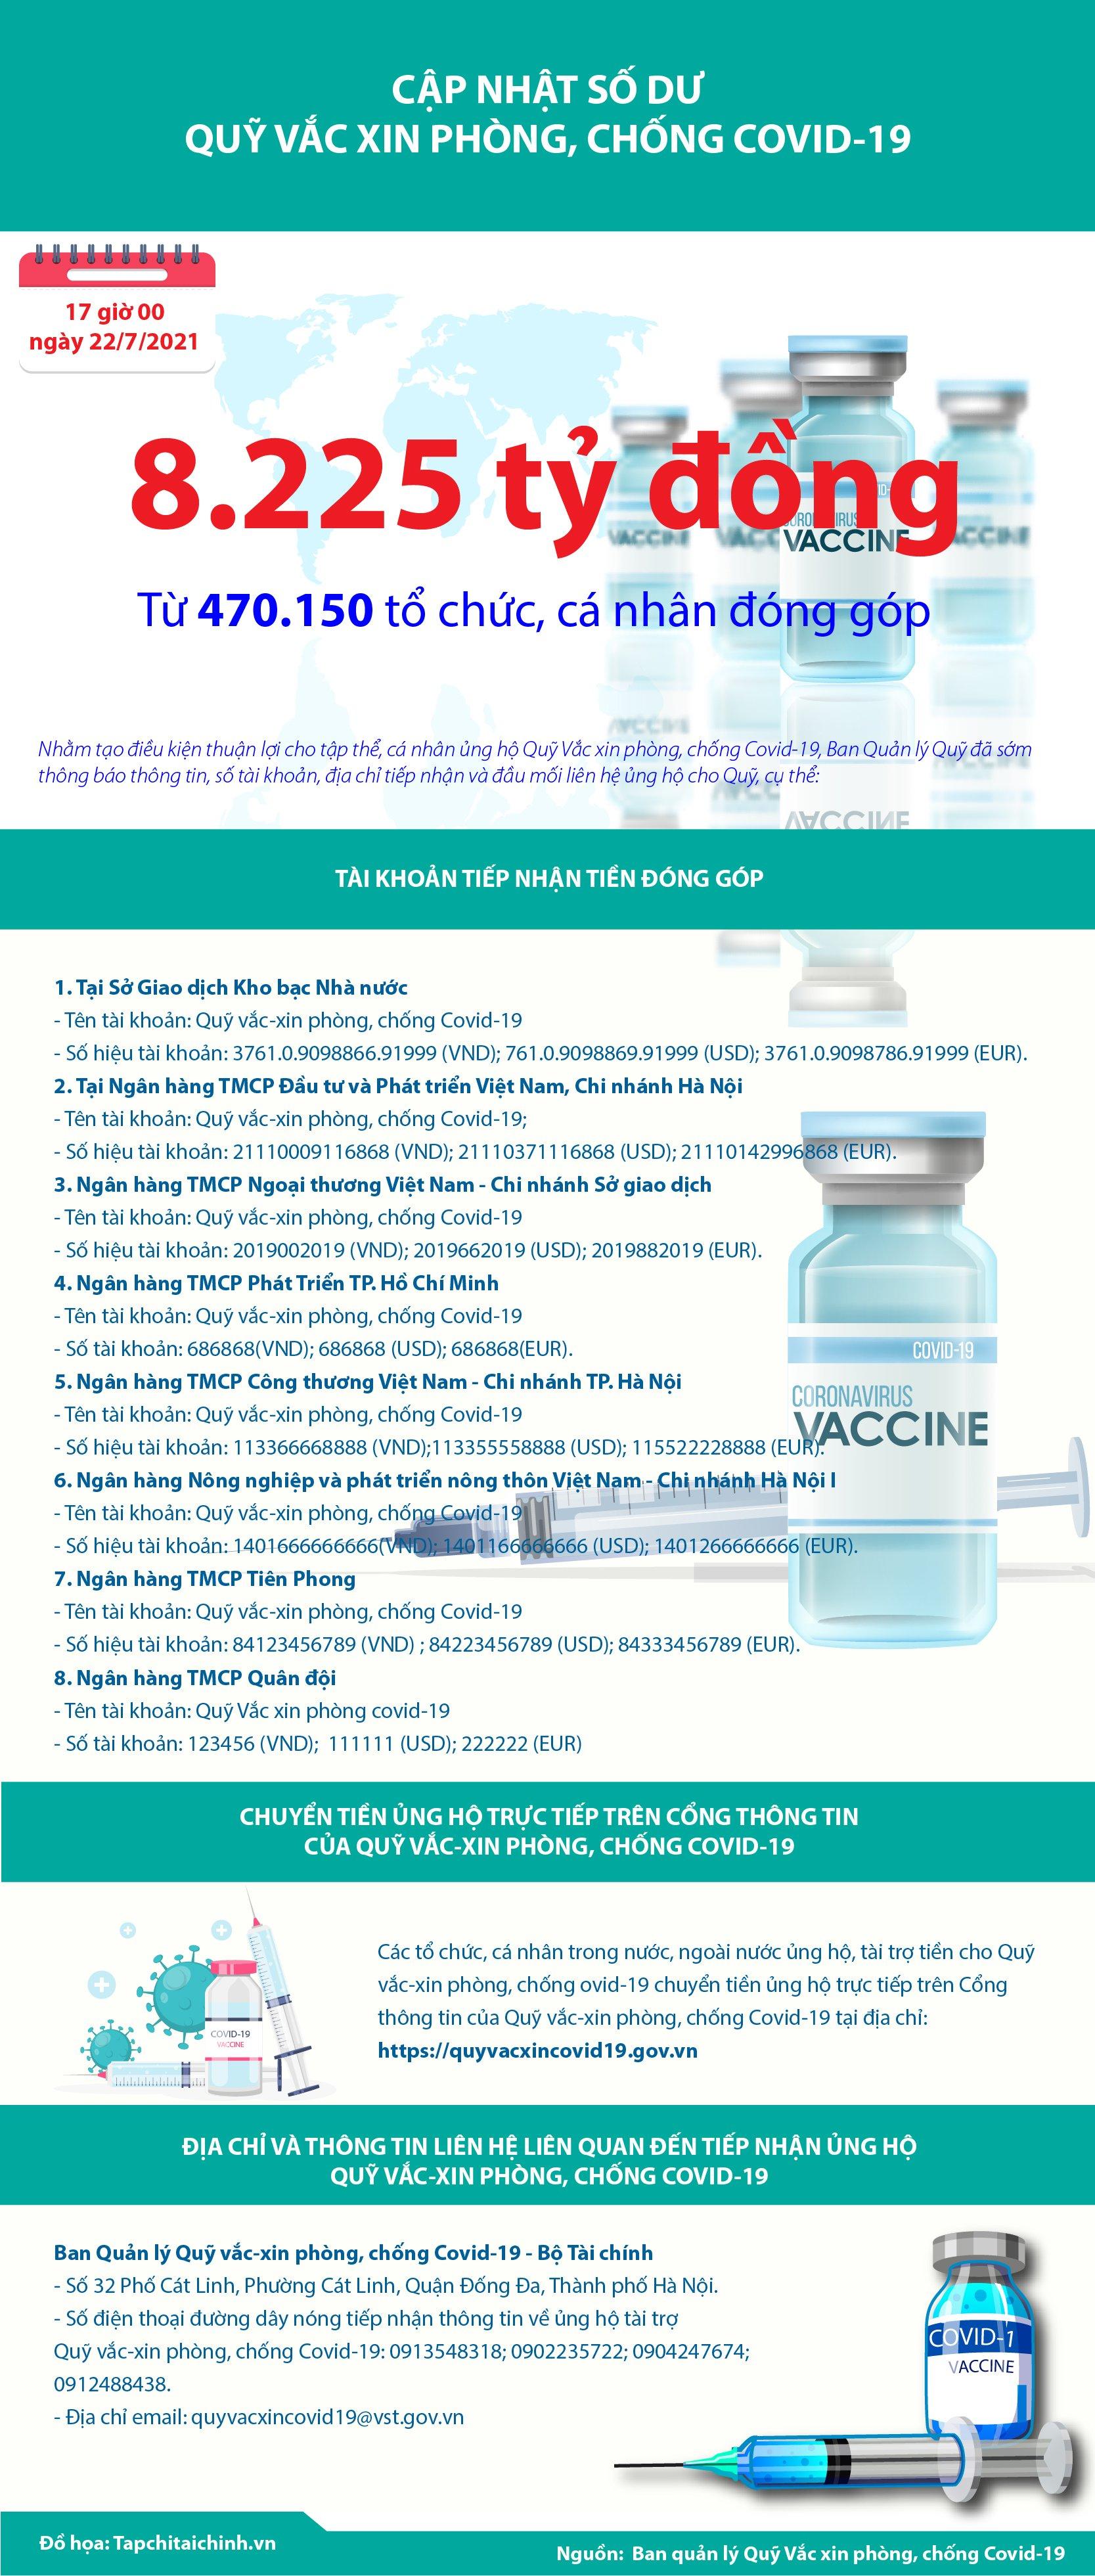 [Infographics] Quỹ Vắc xin phòng, chống Covid-19 đã tiếp nhận ủng hộ 8.225 tỷ đồng - Ảnh 1